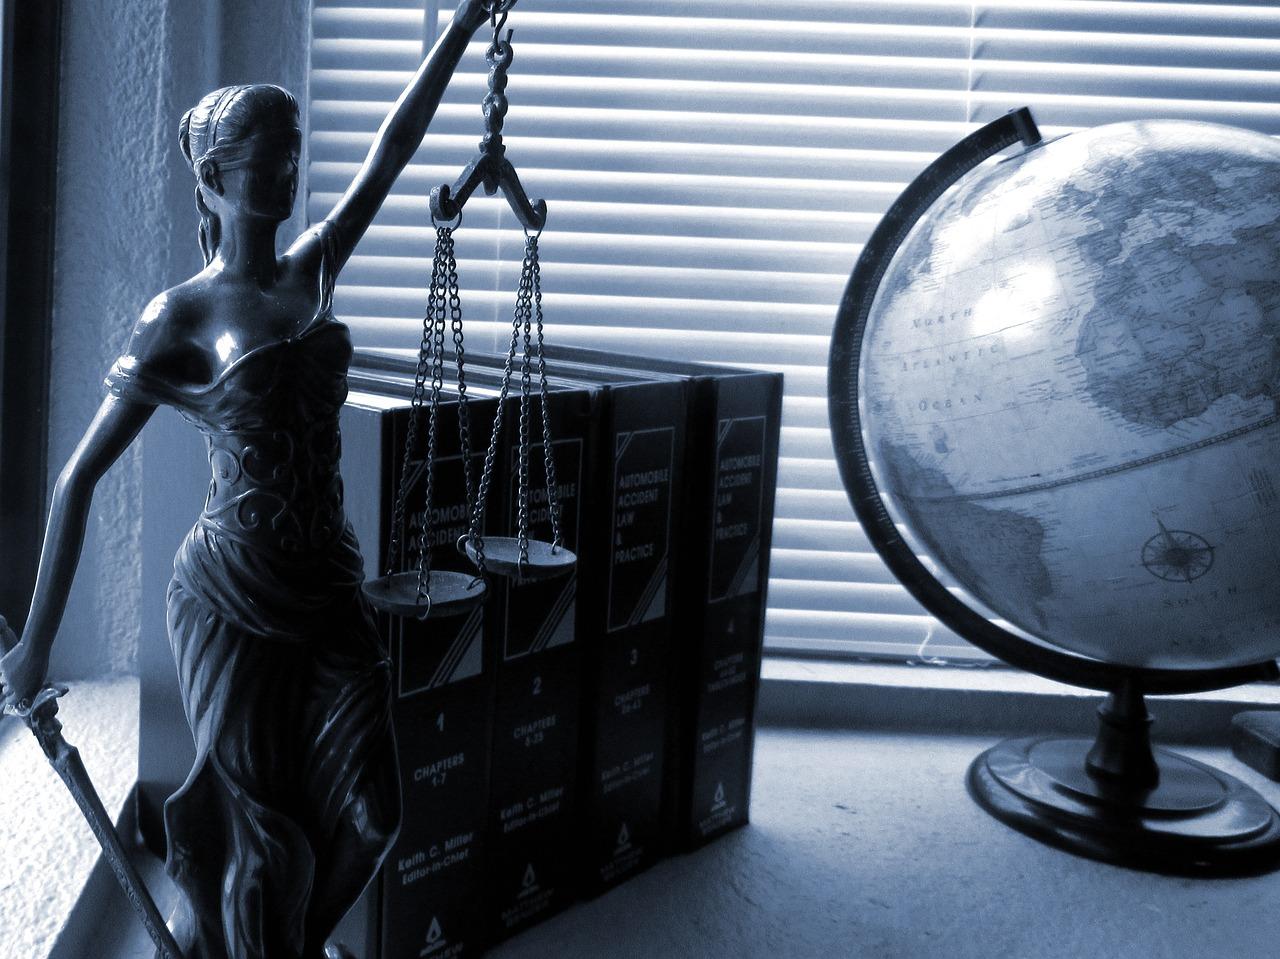 právní služby - váha spravedlnosti, právní literatura, symbol práva